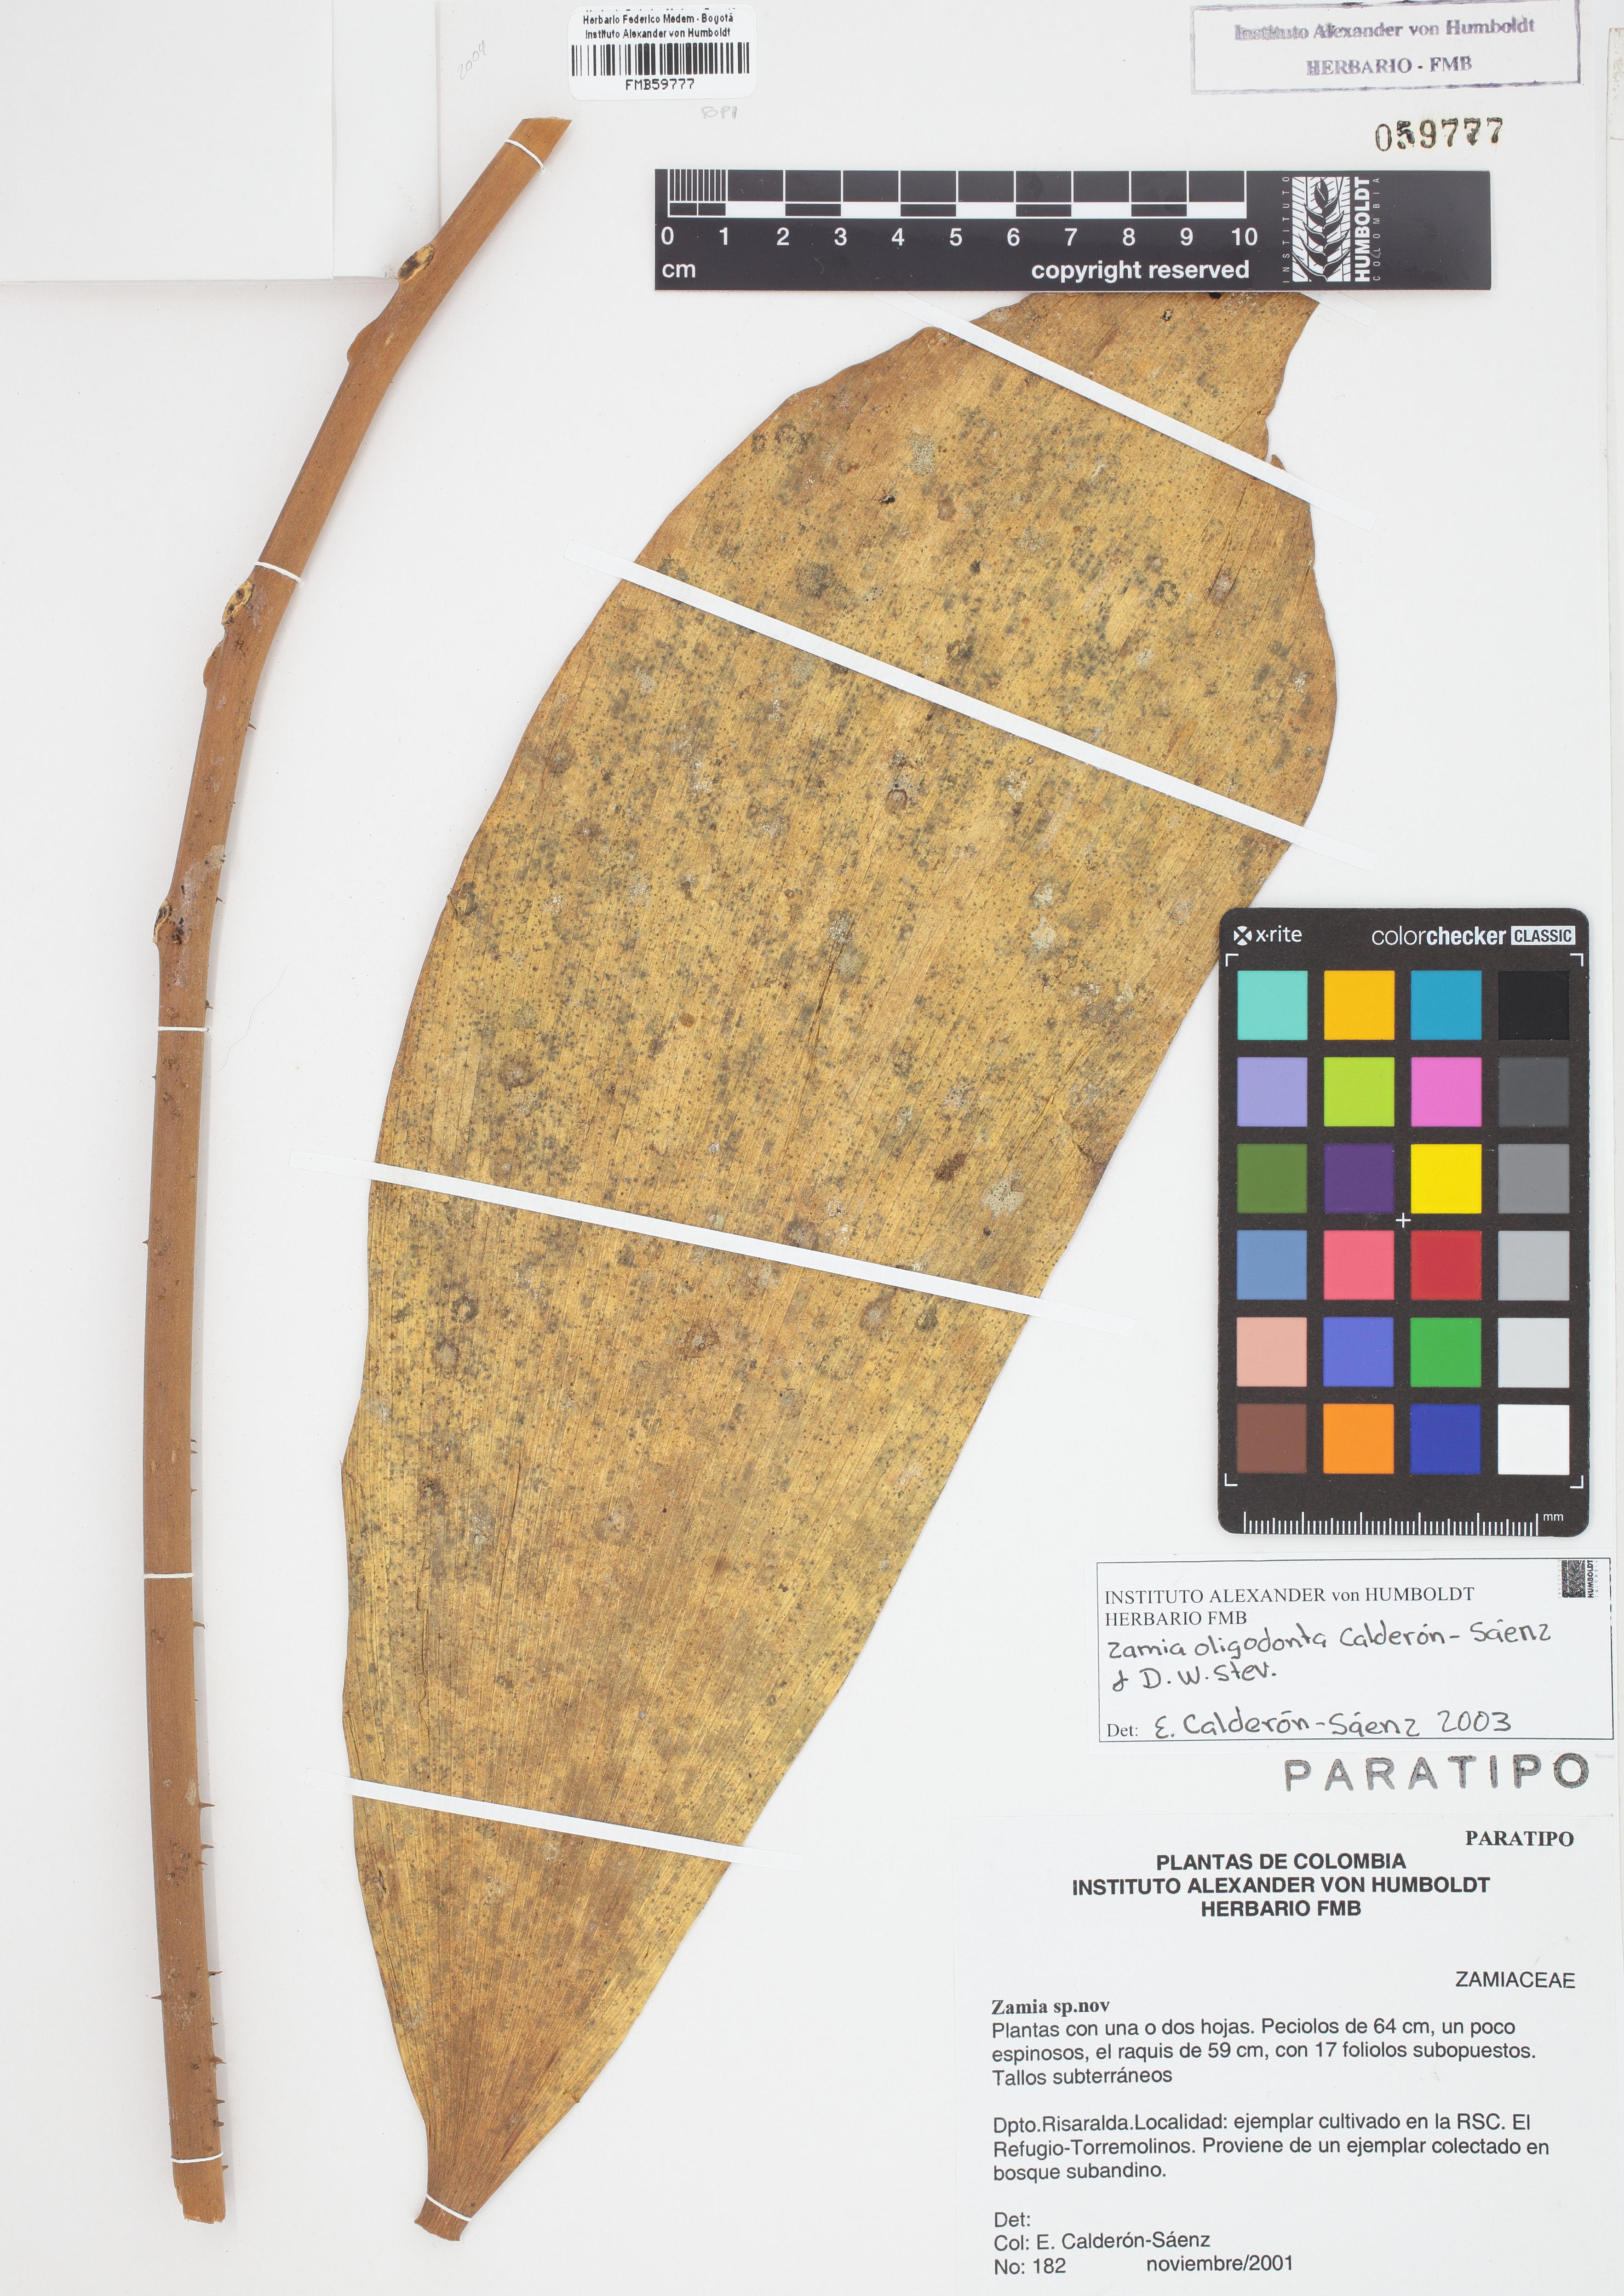 Paratipo de <em>Zamia oligodonta</em>, FMB-59777, Fotografía por Robles A.